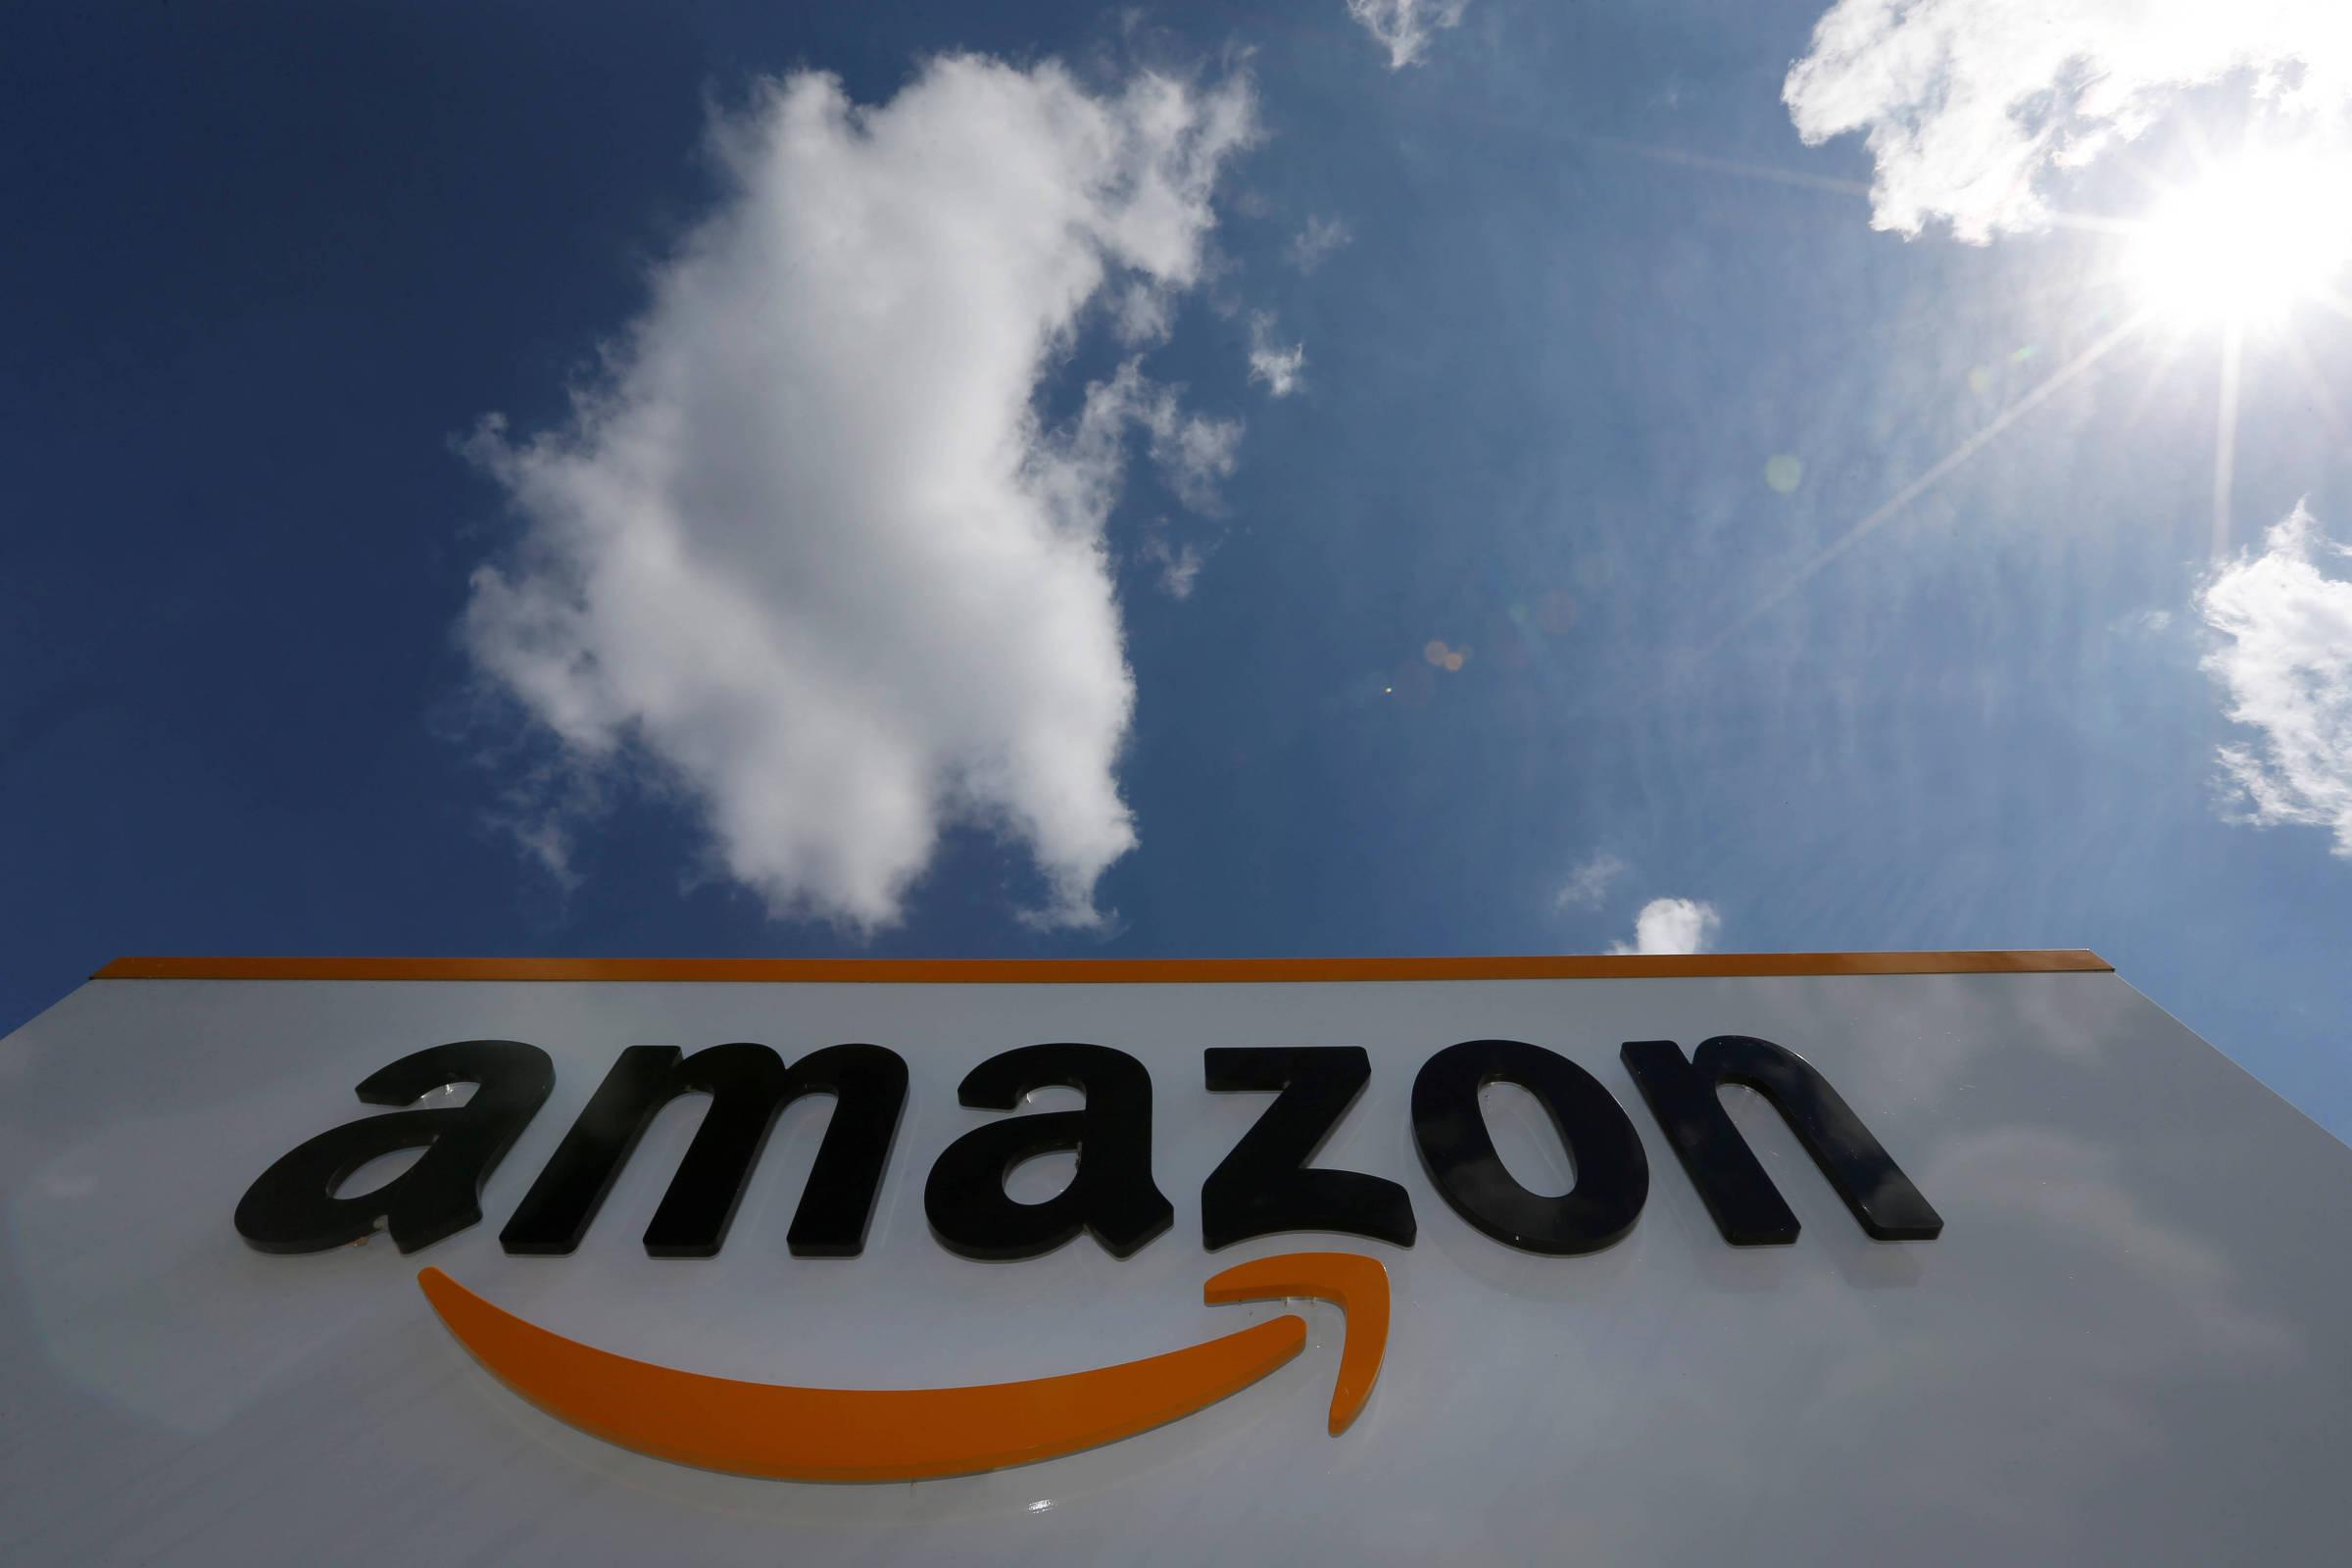 Amazon começa obras de aeroporto próprio com investimento de US$ 1,5 bilhão